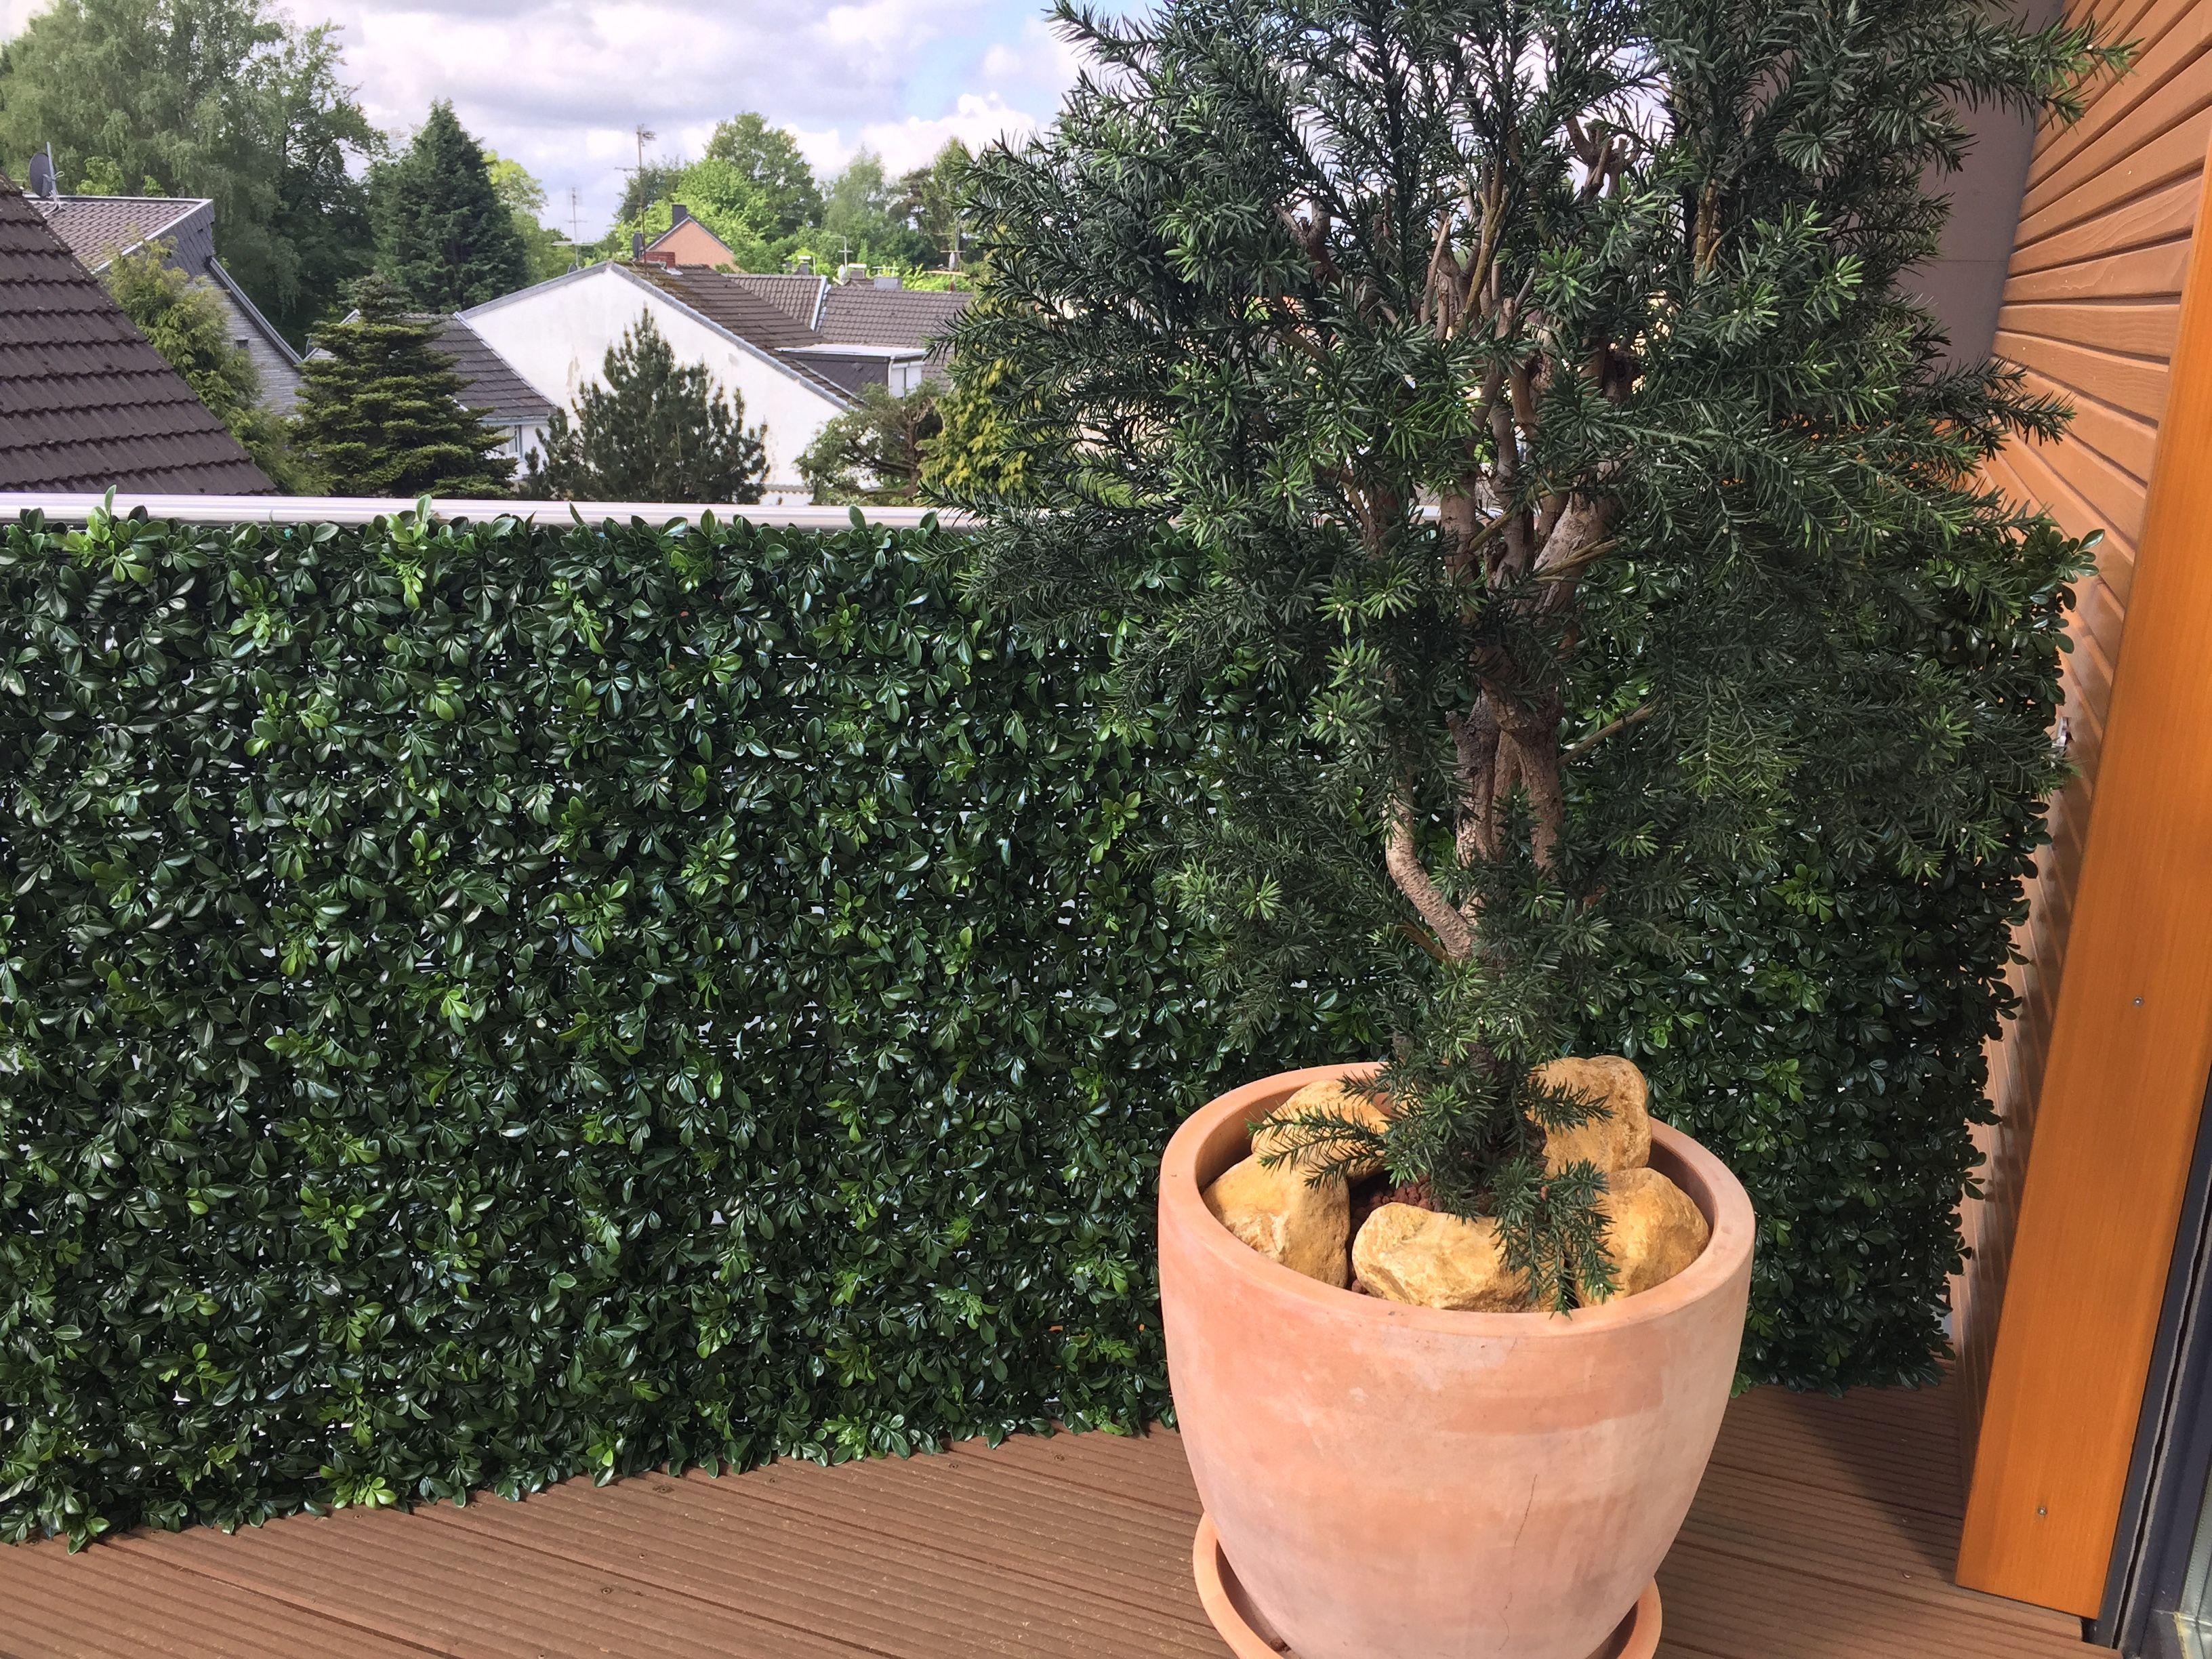 Kunstliche Hecke Buchshecke Bellaplanta Sichtschutz Wetterfest Balkongestaltung Massanfertigung Aussenbereich Garten Kunstpflanzen Pflanzen Garten